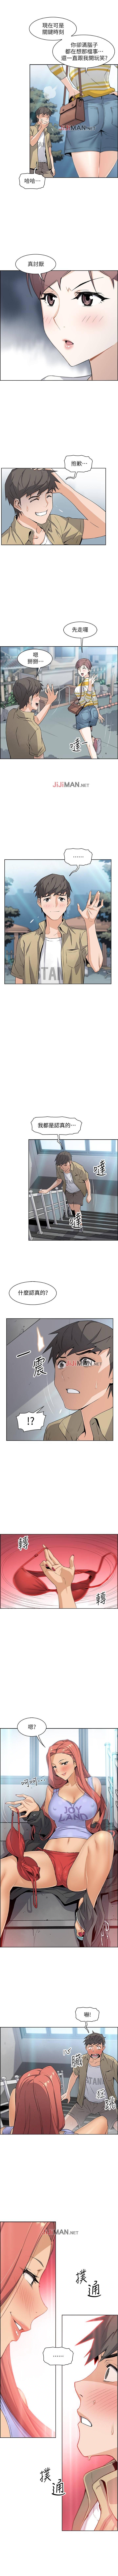 【周四连载】前女友变女佣(作者:PAPER&頸枕) 第1~33话 24